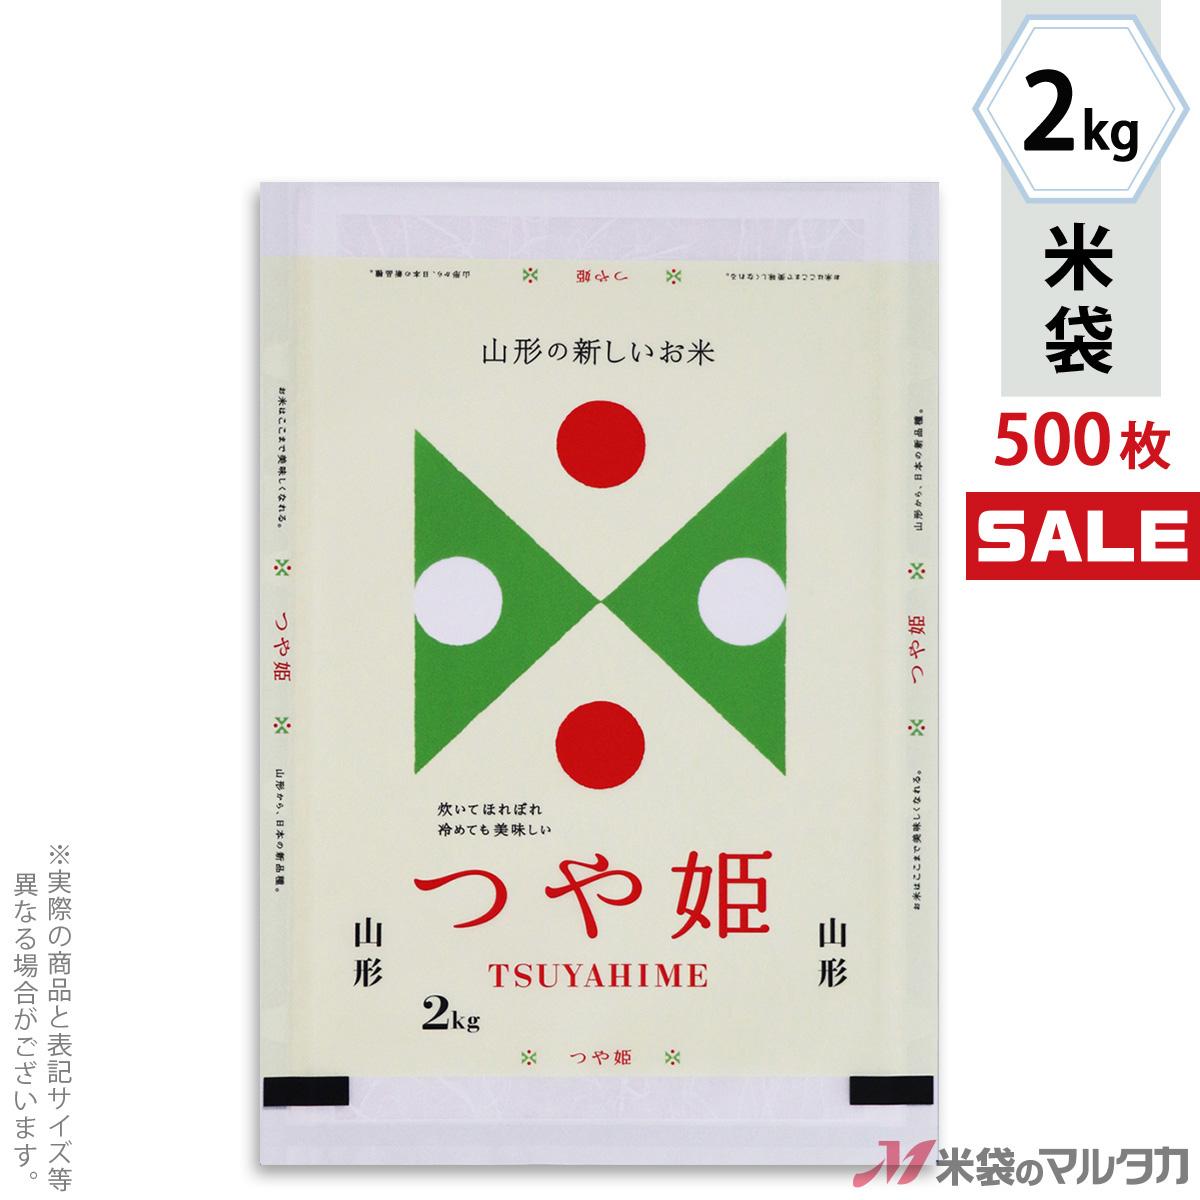 <キャンペーン対応>米袋 マットラミ フレブレス 山形産つや姫 TSUYAHIME-6 2kg 1ケース(500枚入) MN-0082